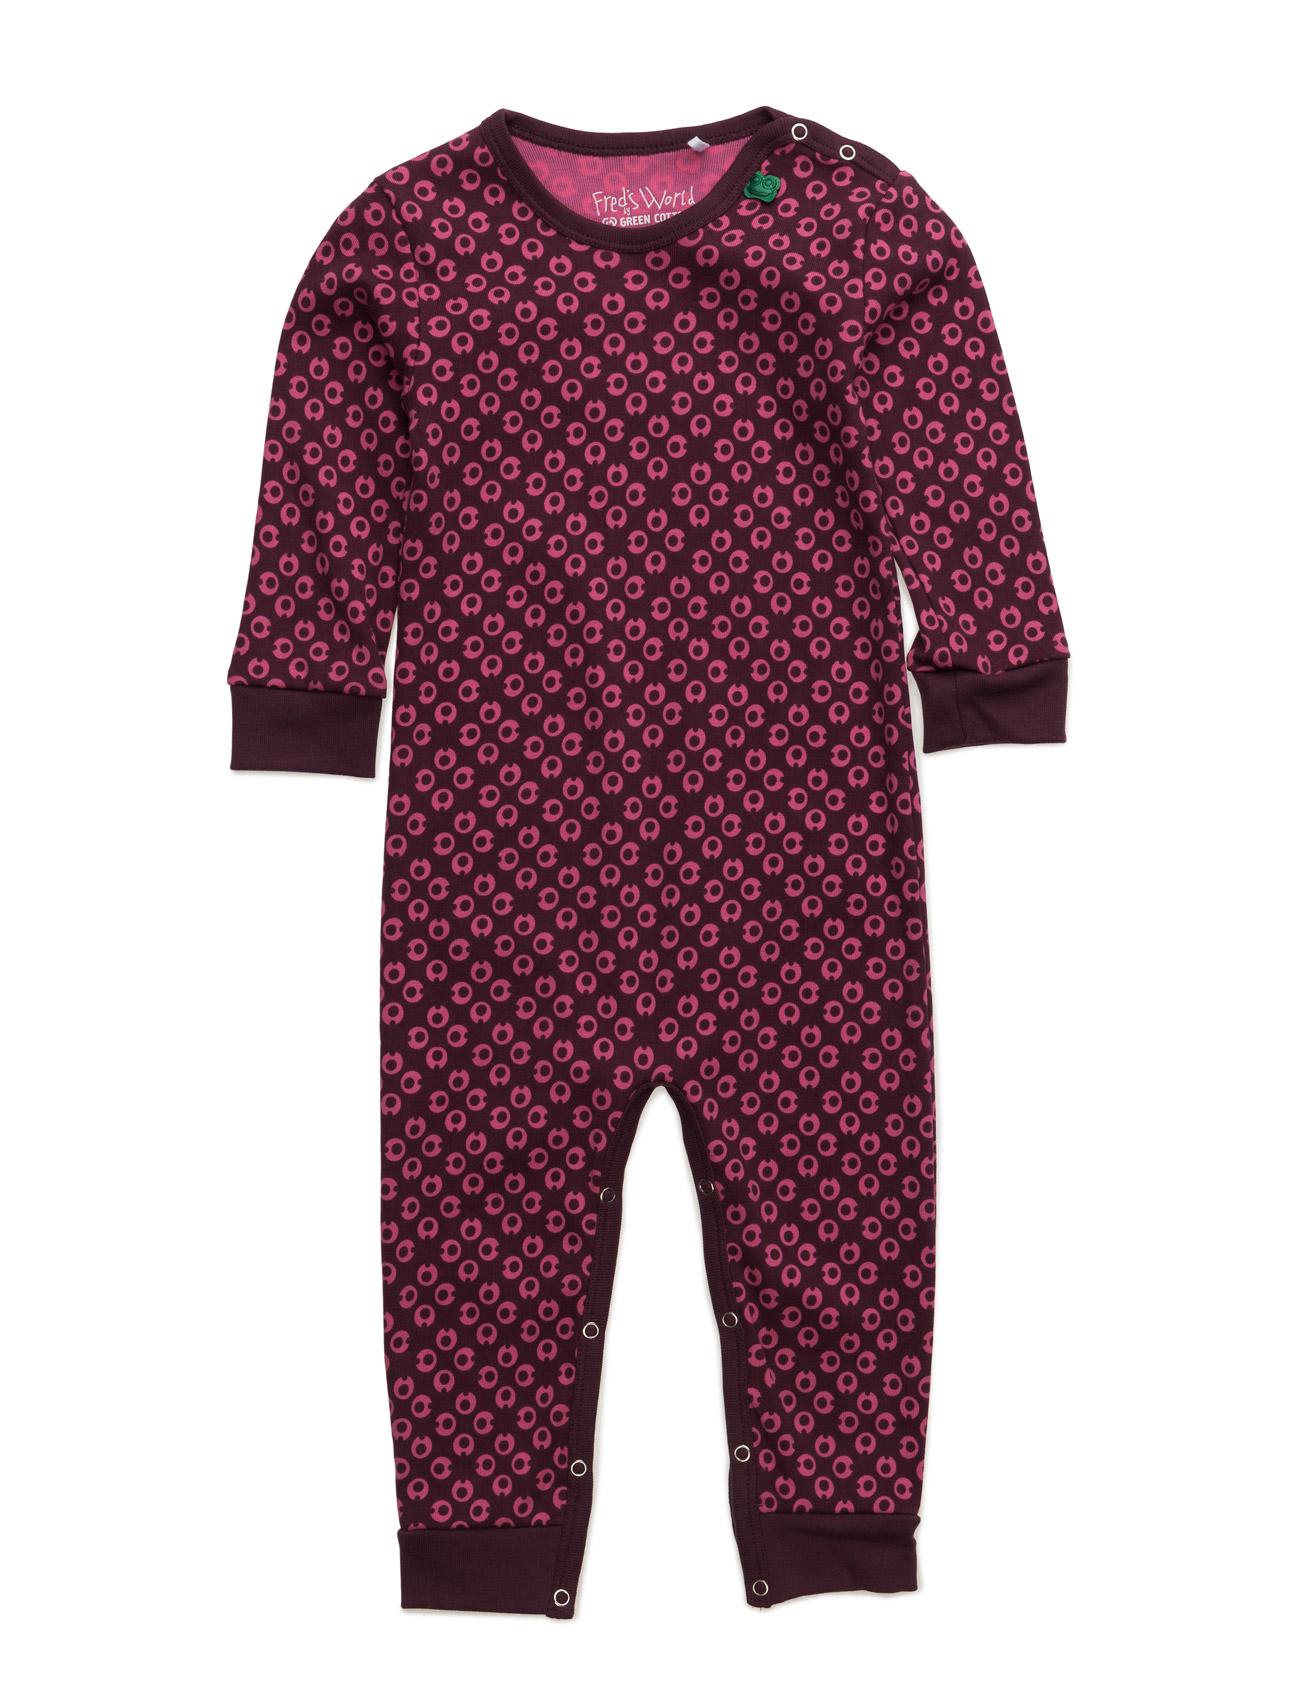 My I Mini Bodysuit Freds World Langærmede bodies til Børn i Vin